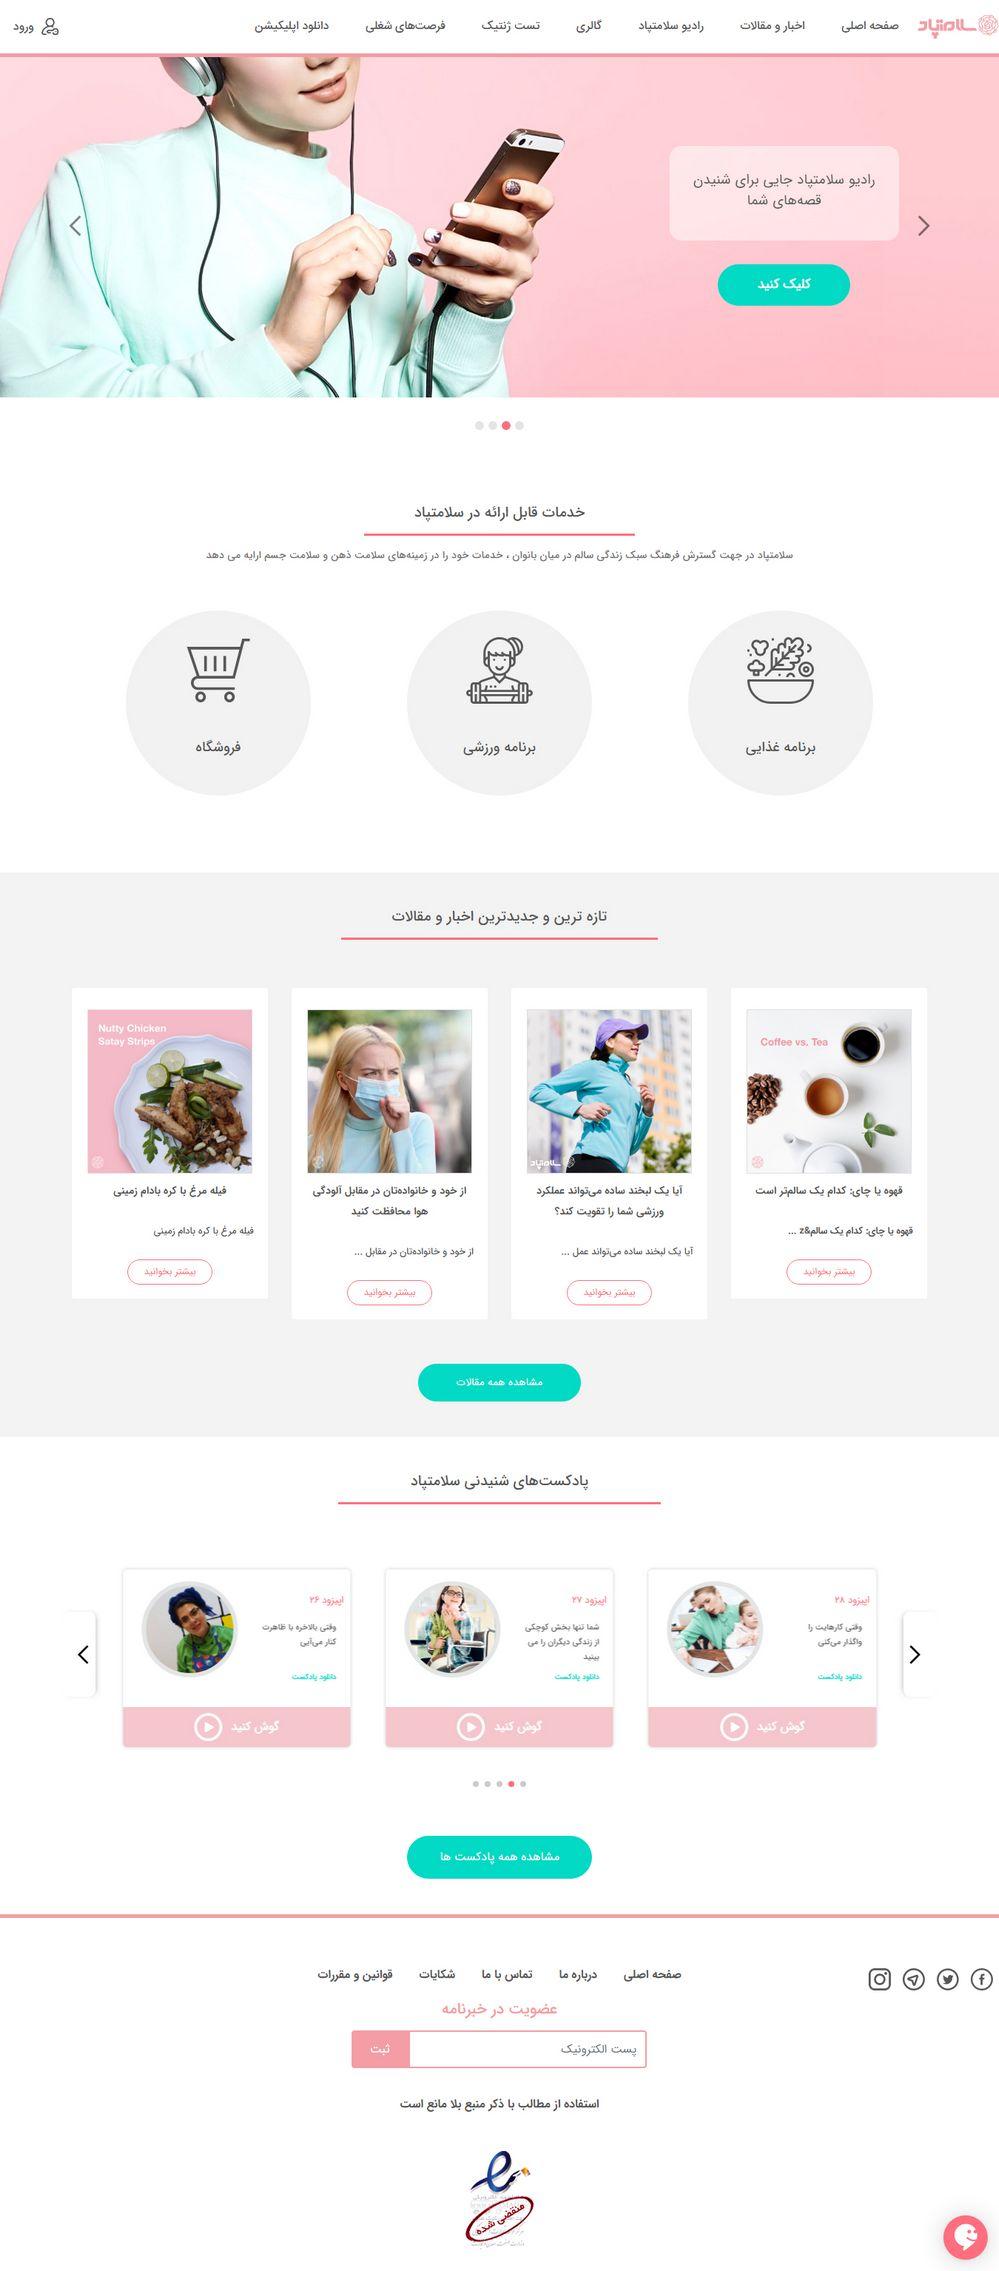 طراحی سایت اختصاصی سلامتپاد